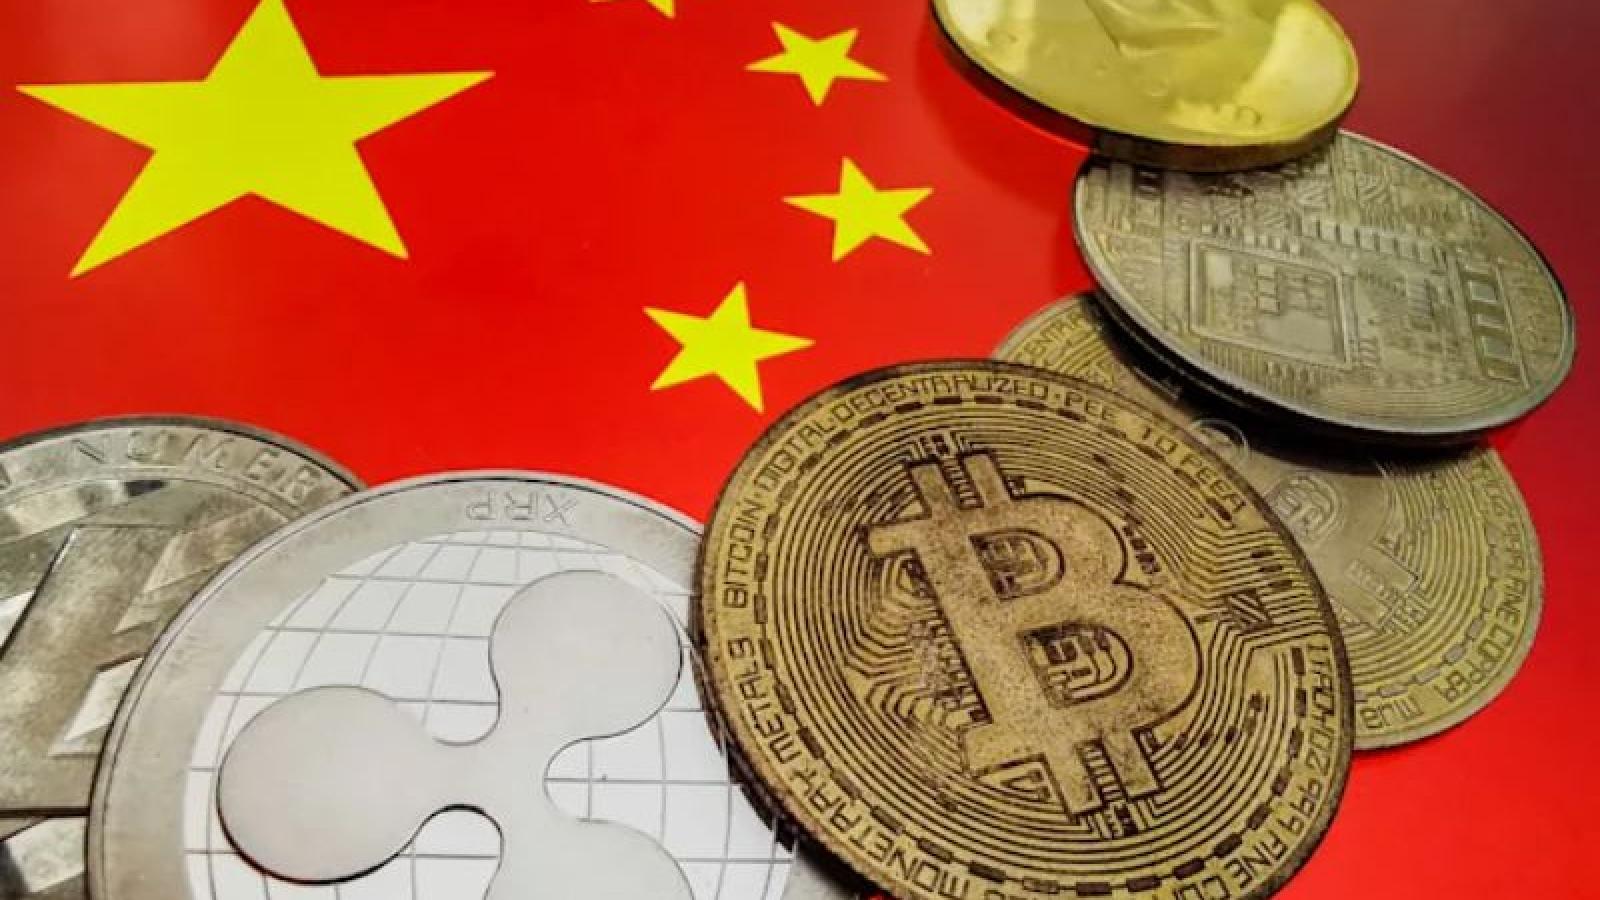 Trung Quốc hạn chế đầu tư vào khai thác tiền điện tử